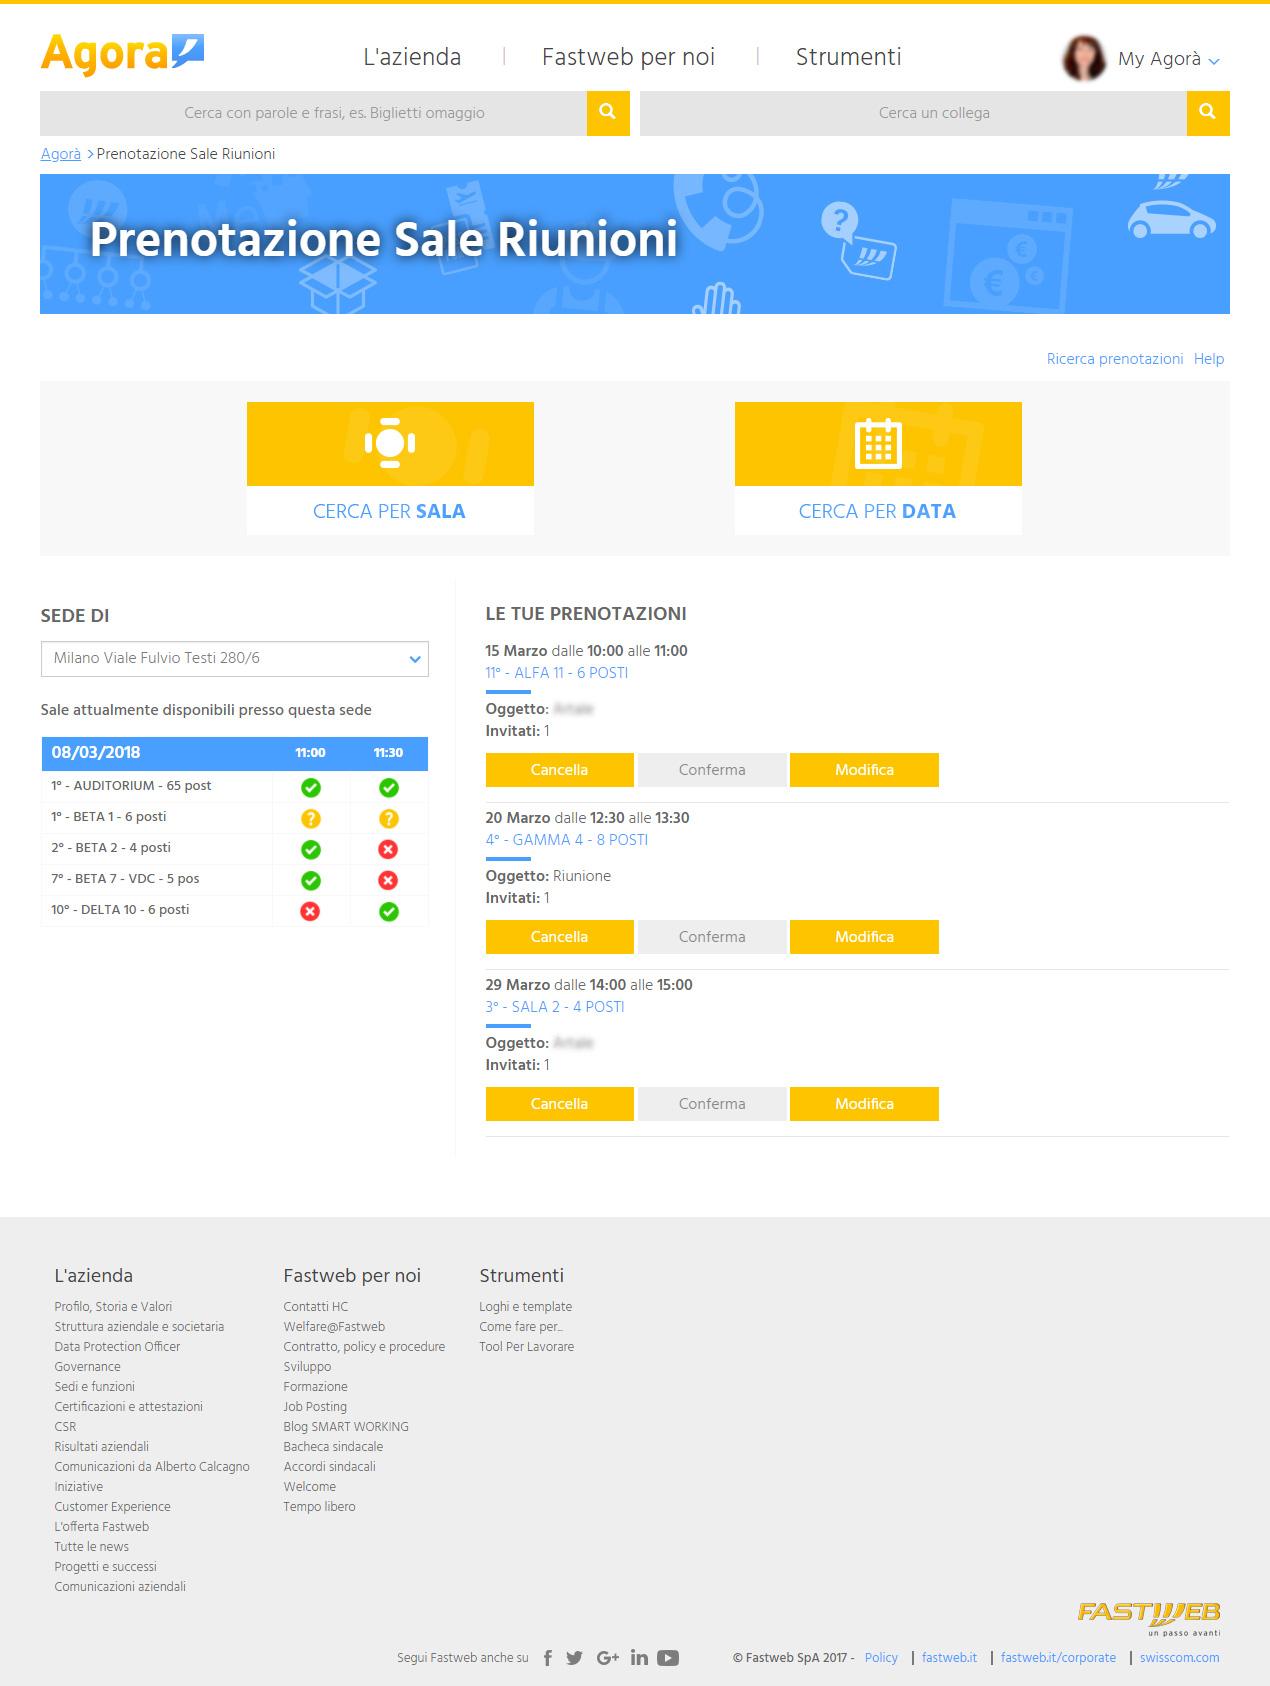 Fastweb_prenotazione_sale_riunioni_home_[intranet_management]